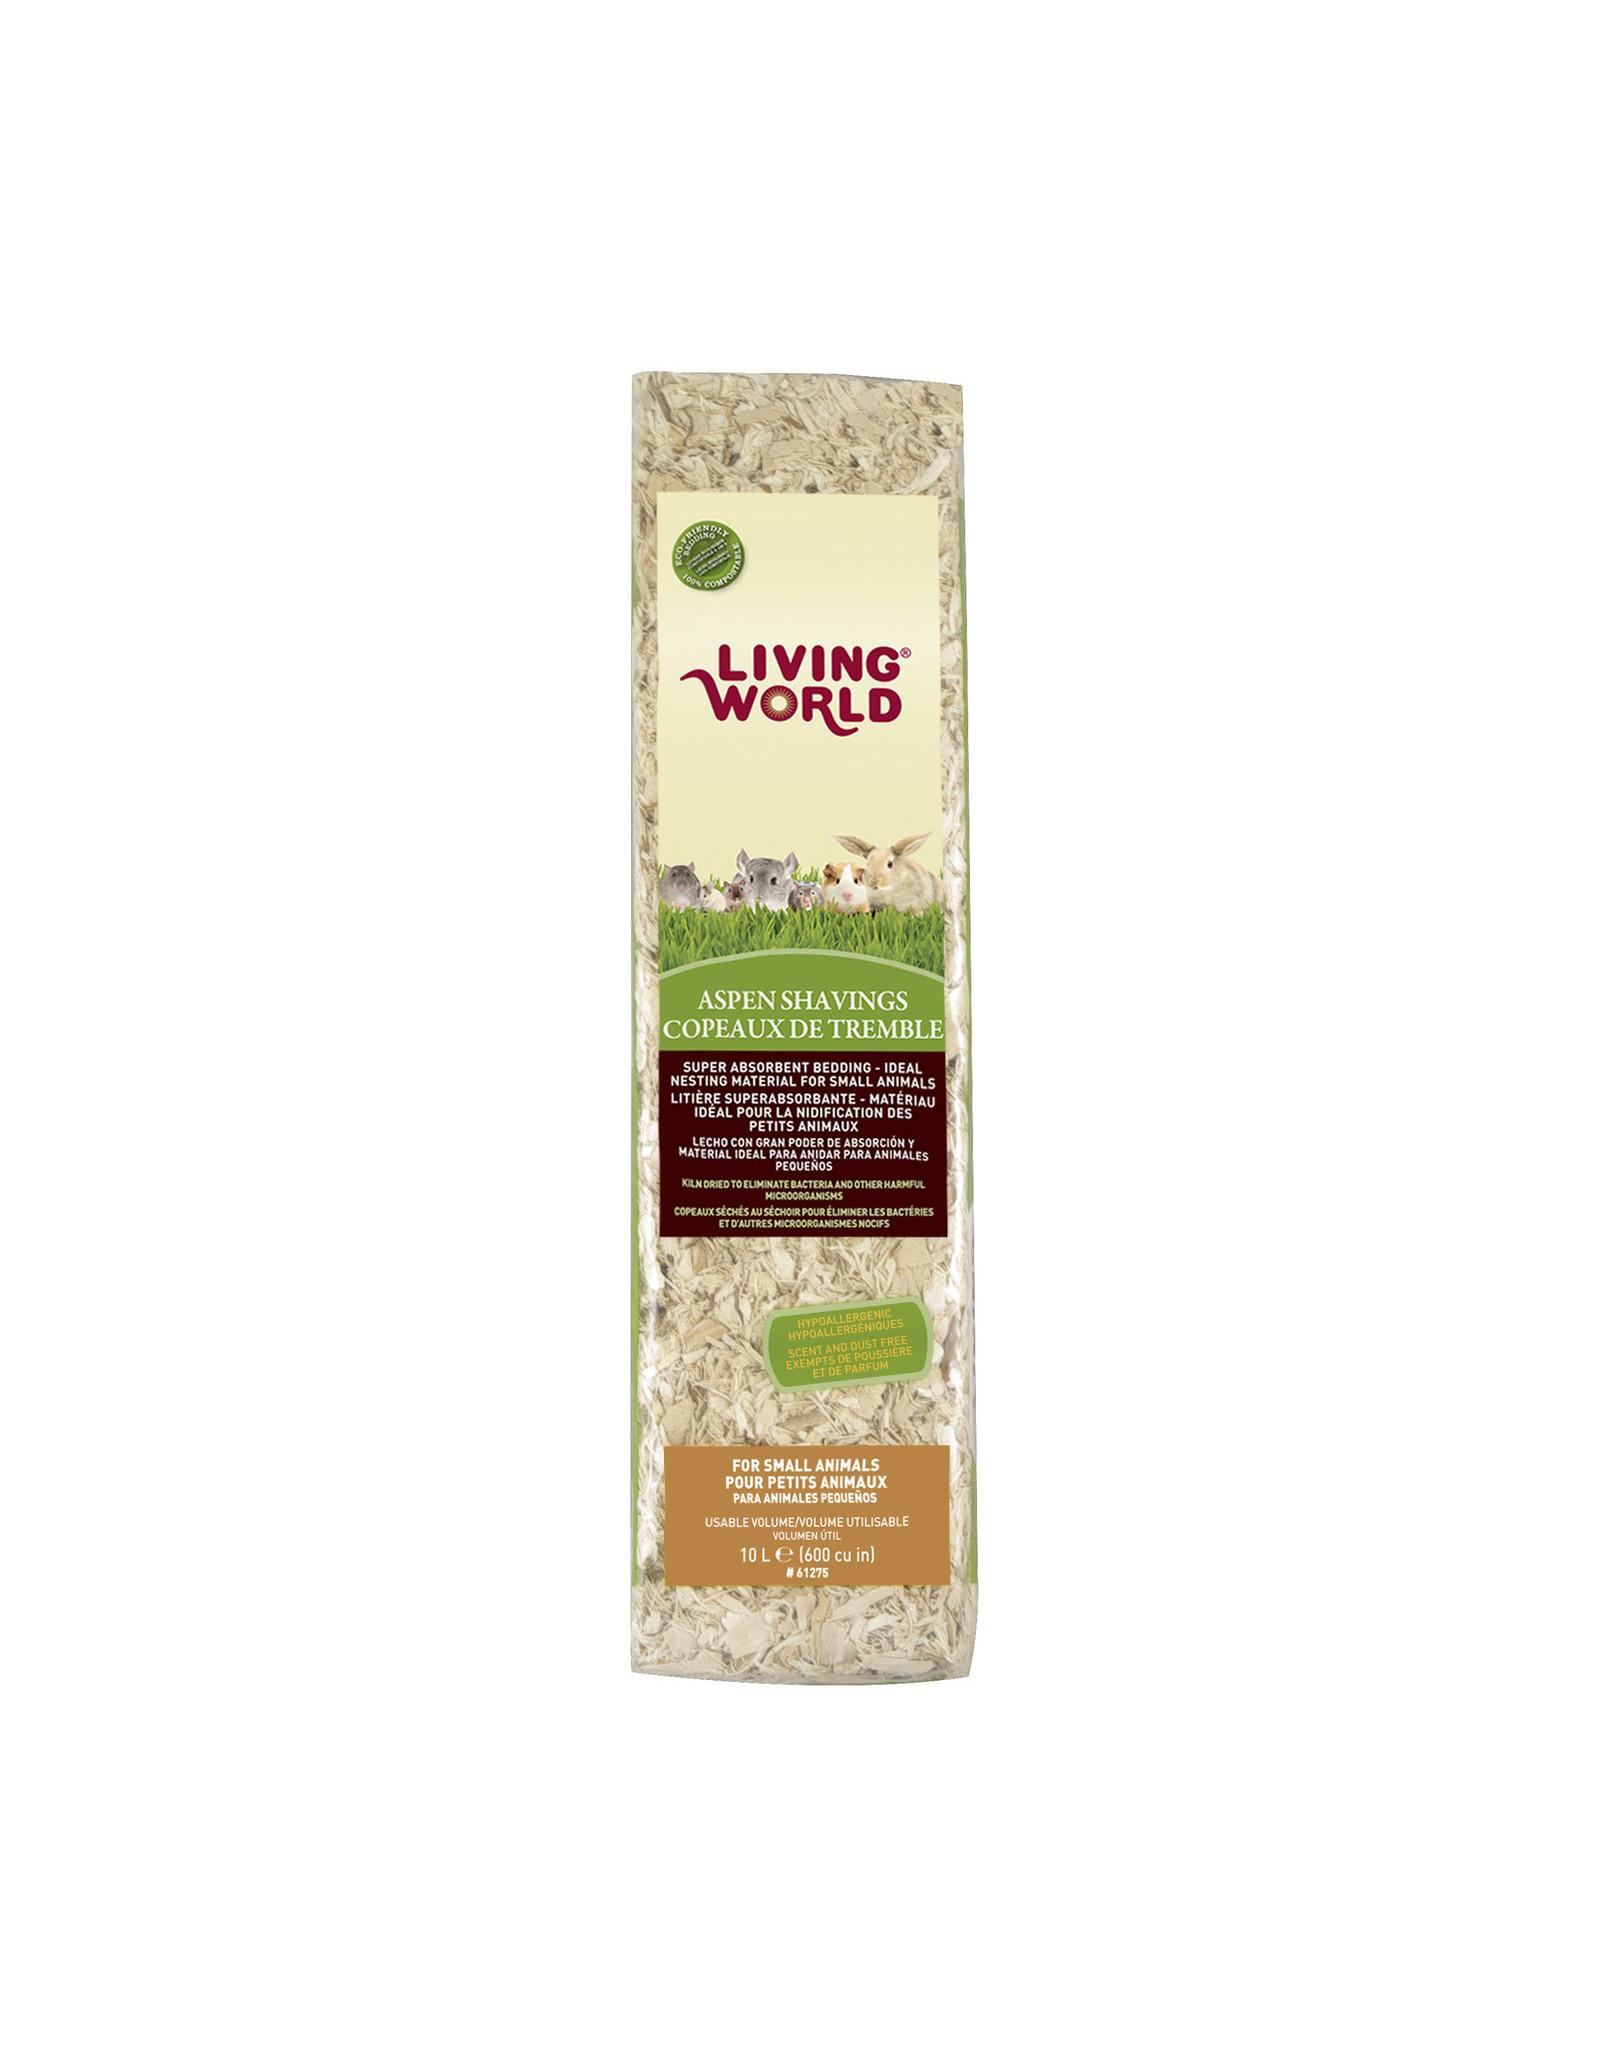 Living World Aspen Shavings - 10 L (600 cu in)